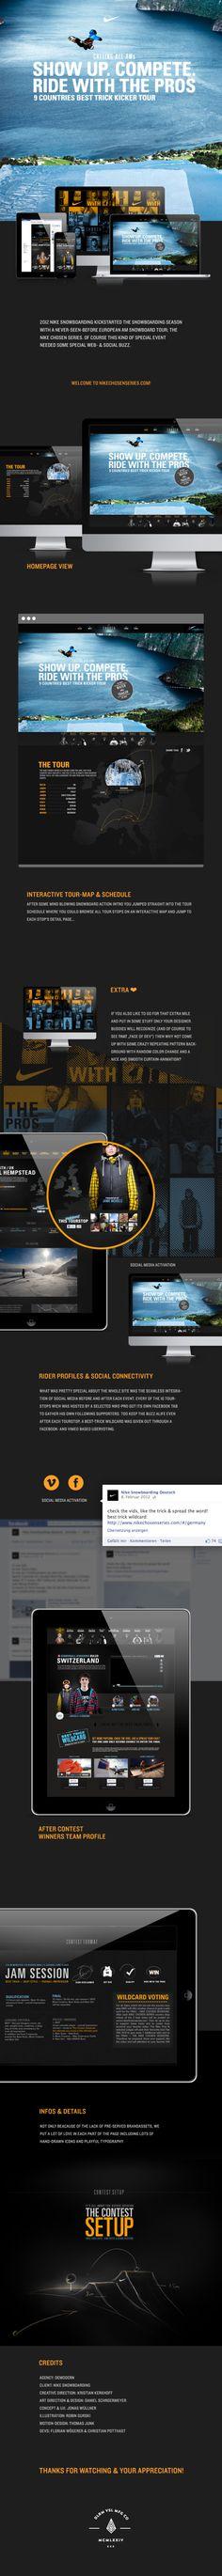 Strona utrzymana w ciemnej tonacji. Bardzo przejrzysta. Czcionka + rysunek kredą w dole strony ideał. Kopalnia inspiracji.